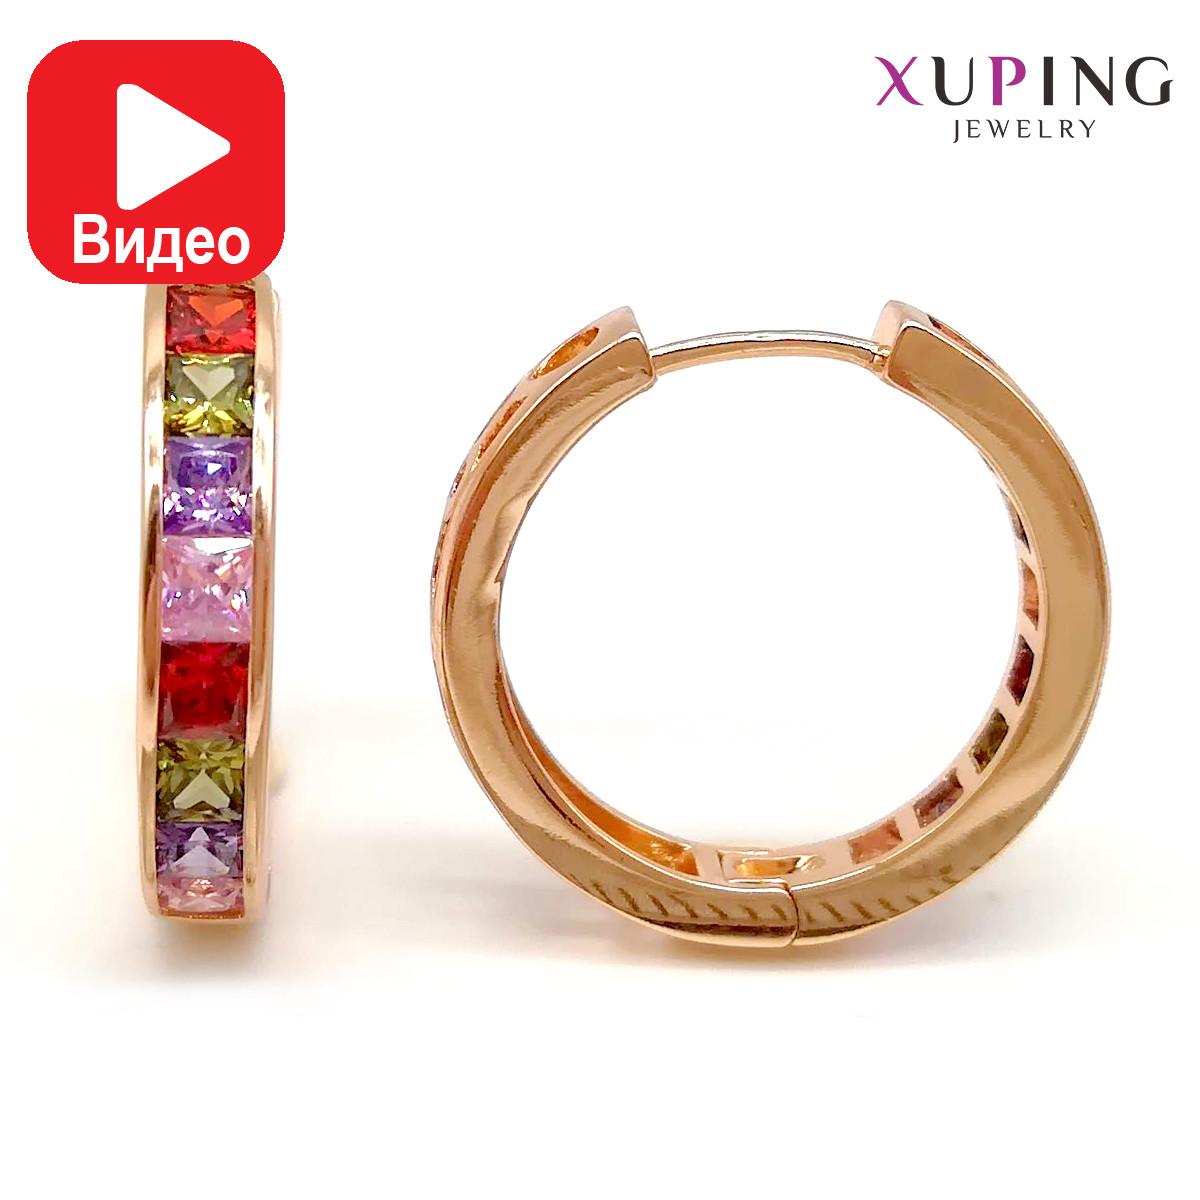 Сережки Xuping з медичного золота з червоними, оливковими, бузковими і рожевими фіанітами (куб. цирконієм), в позолоті 18K, ХР00146 (1)